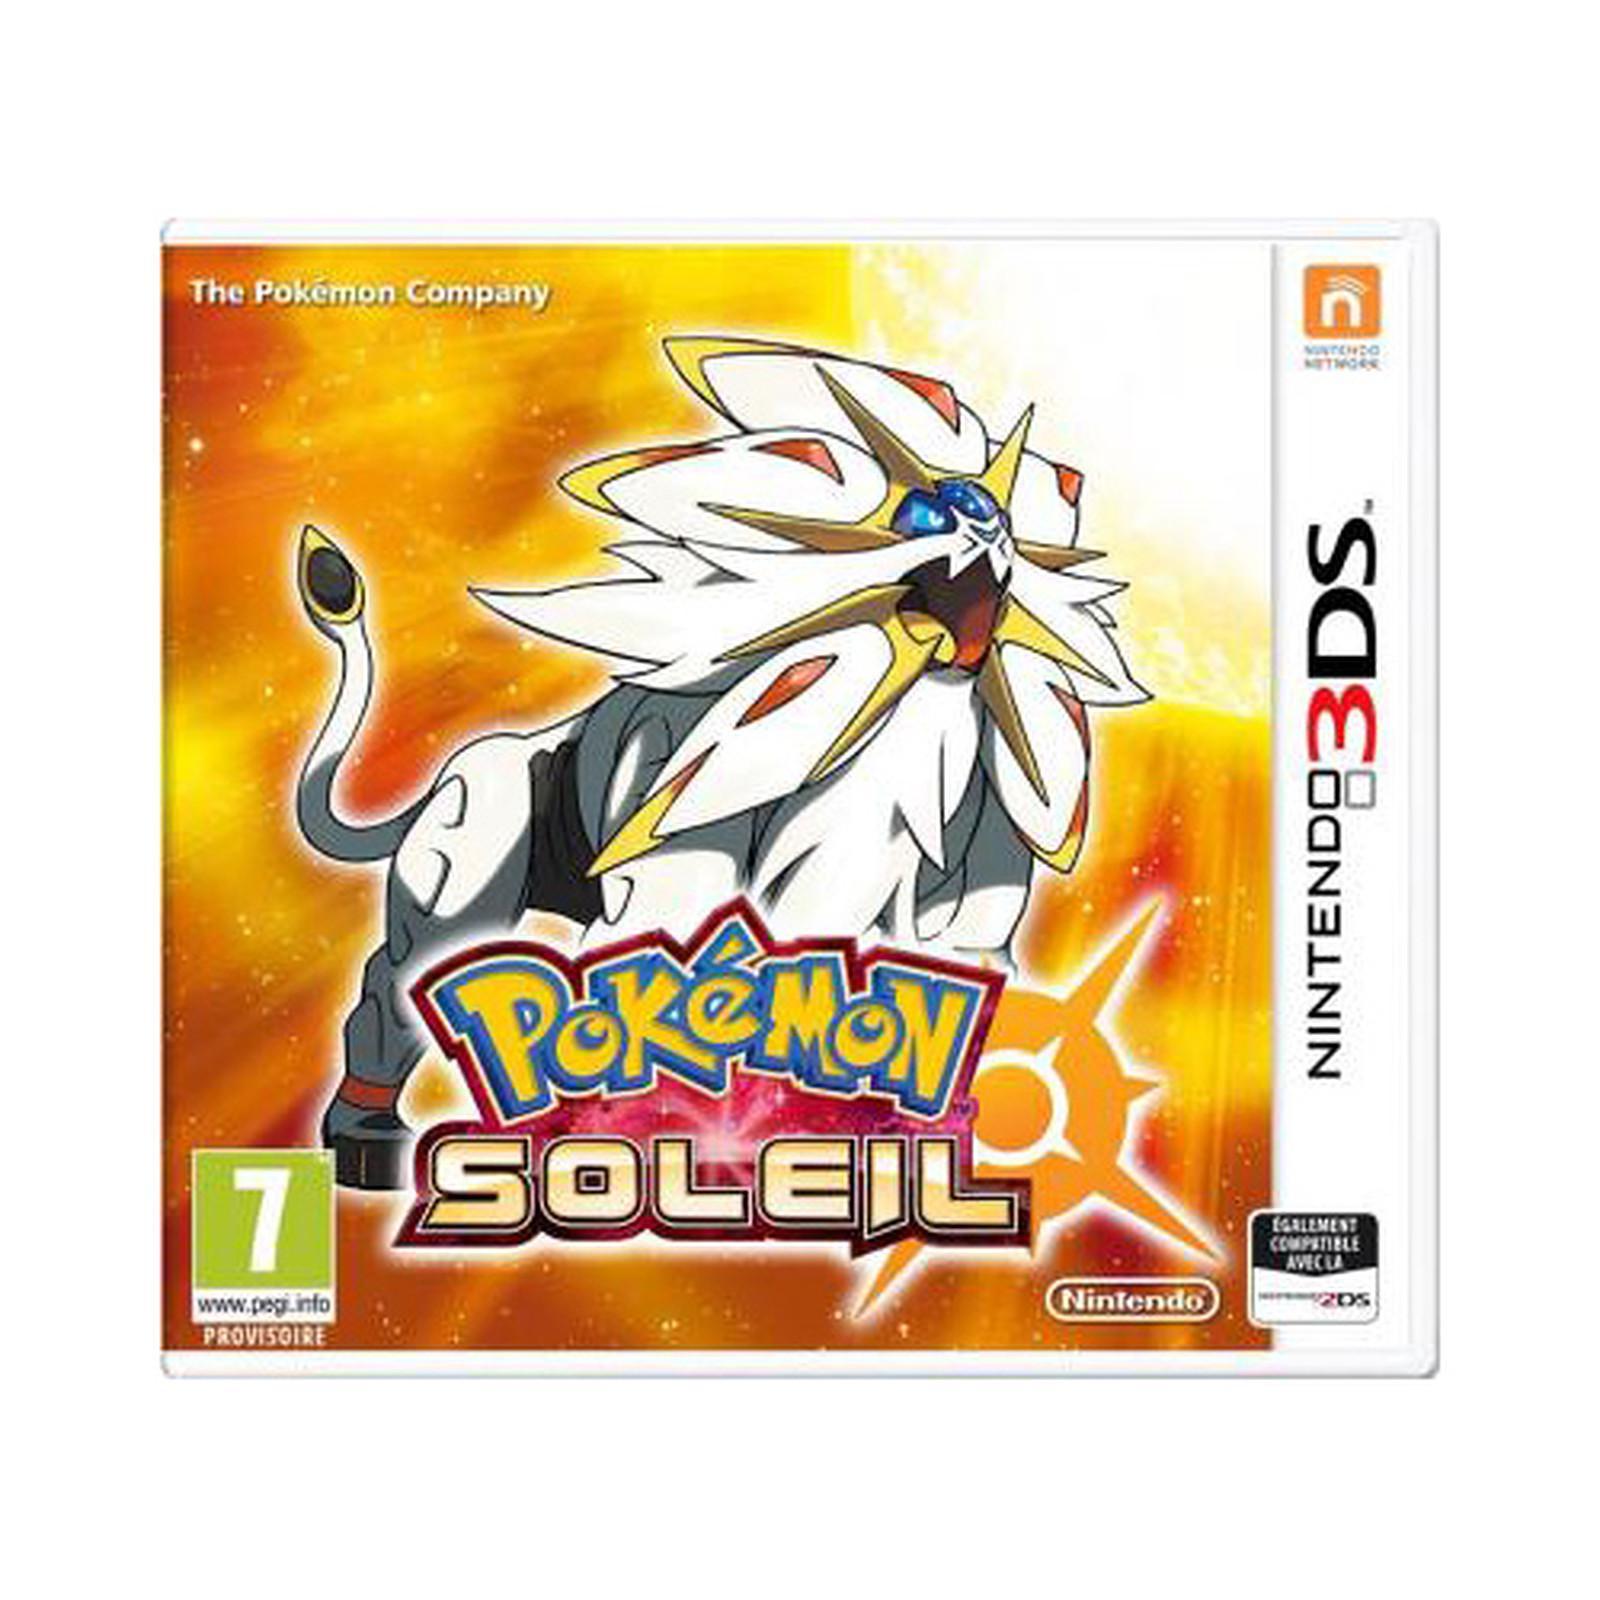 Pokémon Soleil - Nintendo 3DS